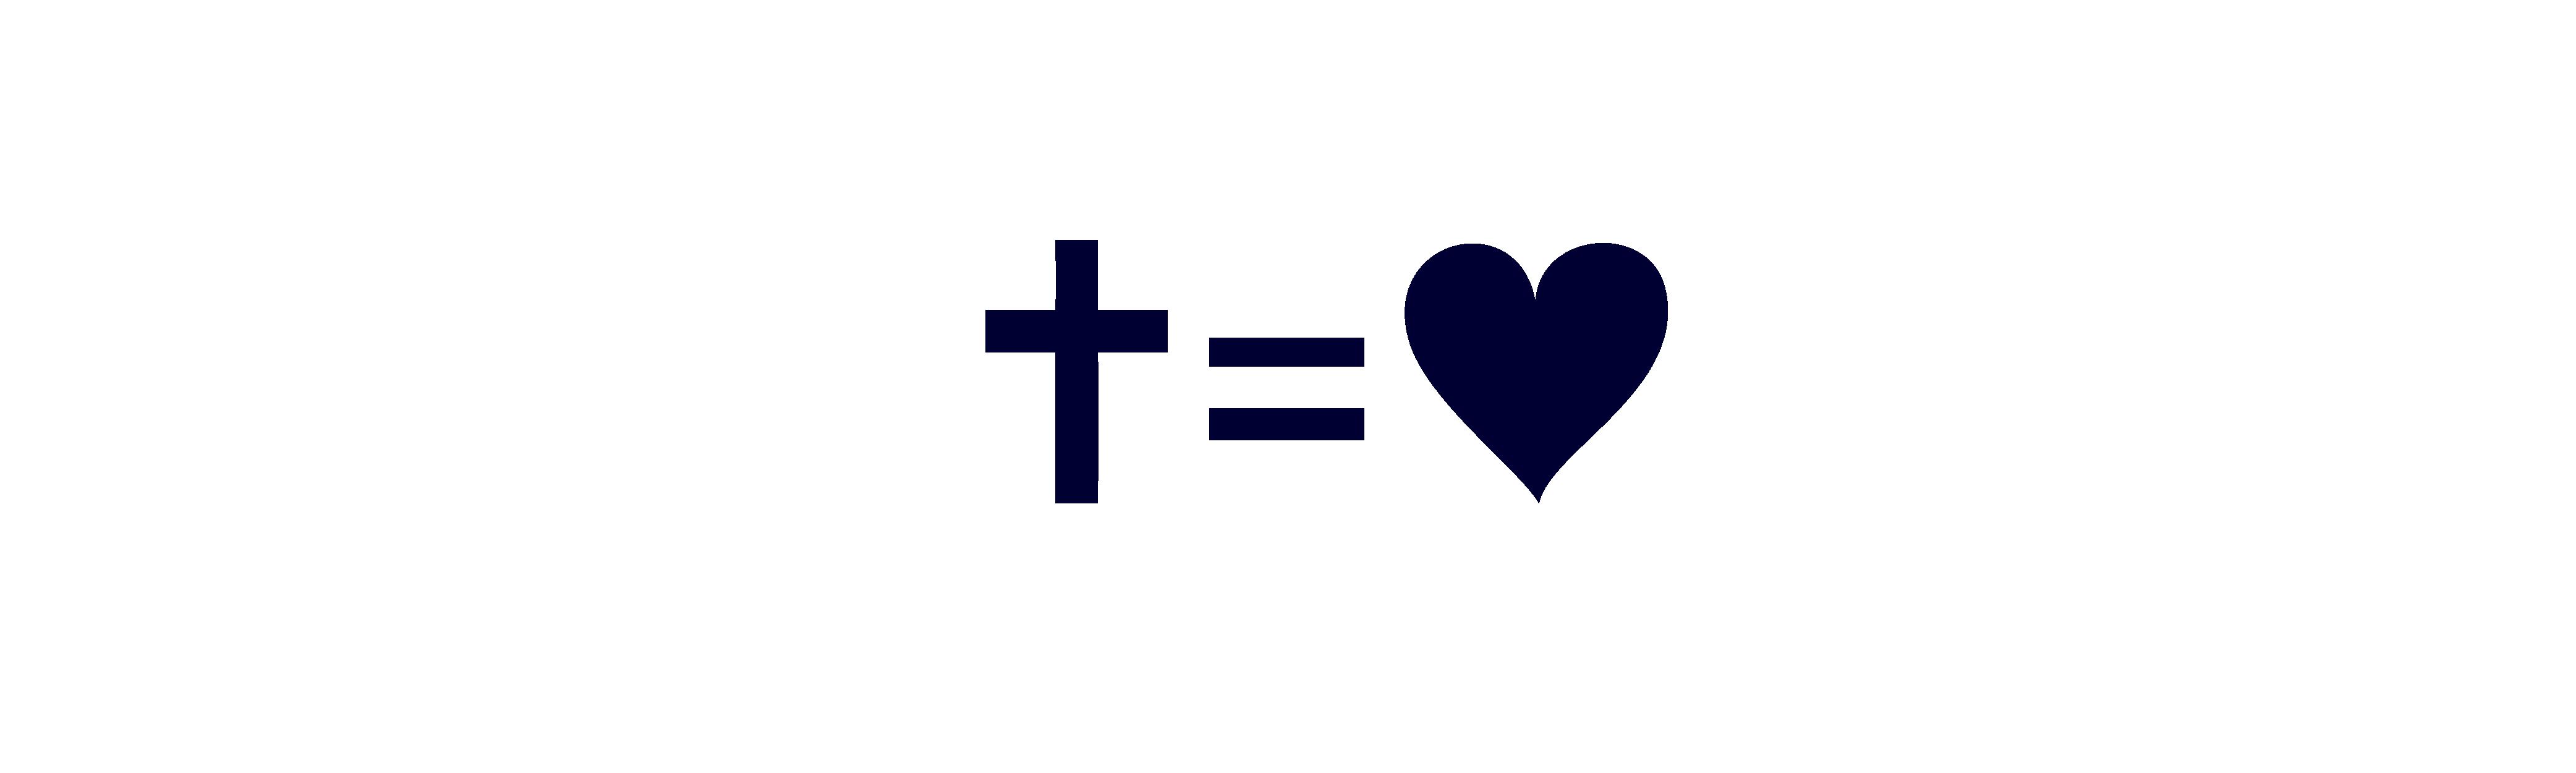 Kreuz gleich Liebe